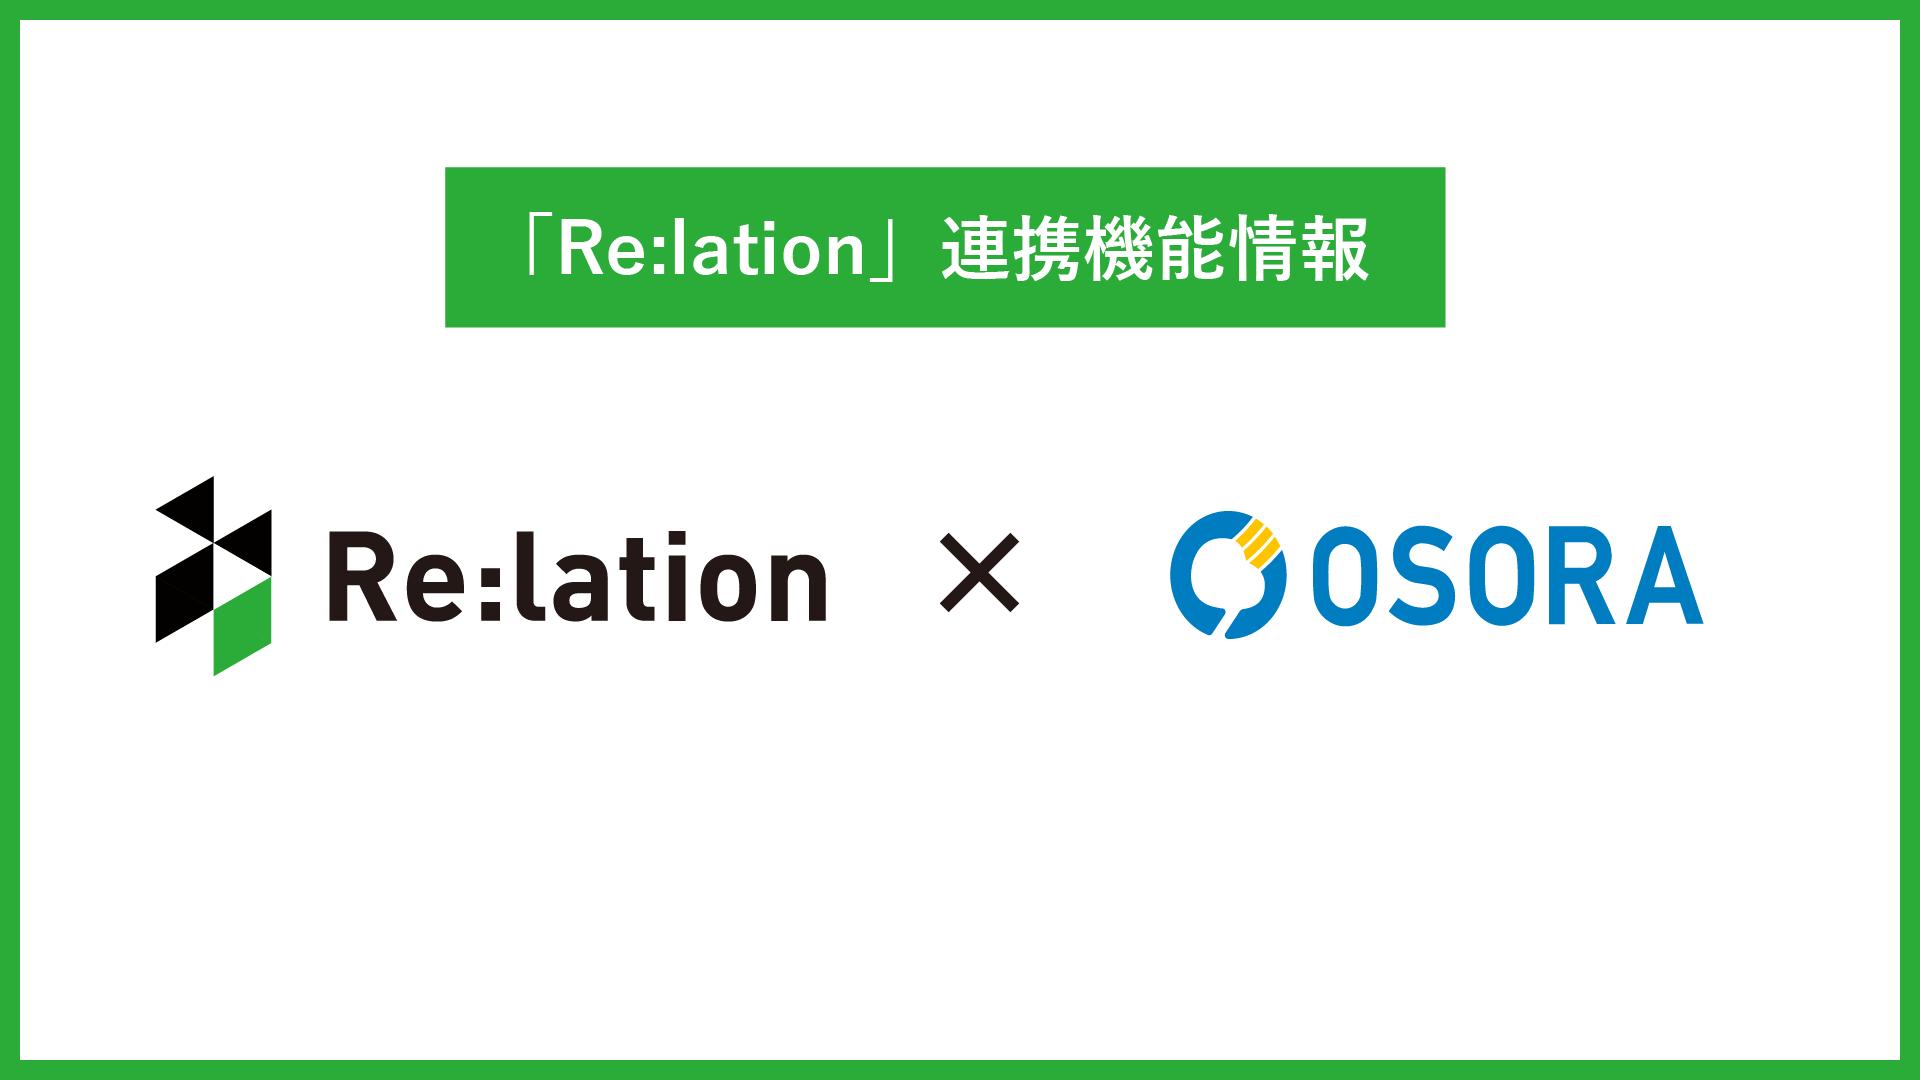 顧客対応ツール「Re:lation(リレーション)」がインバウンド向けコールシステム「OSORA(オソラ)」と連携